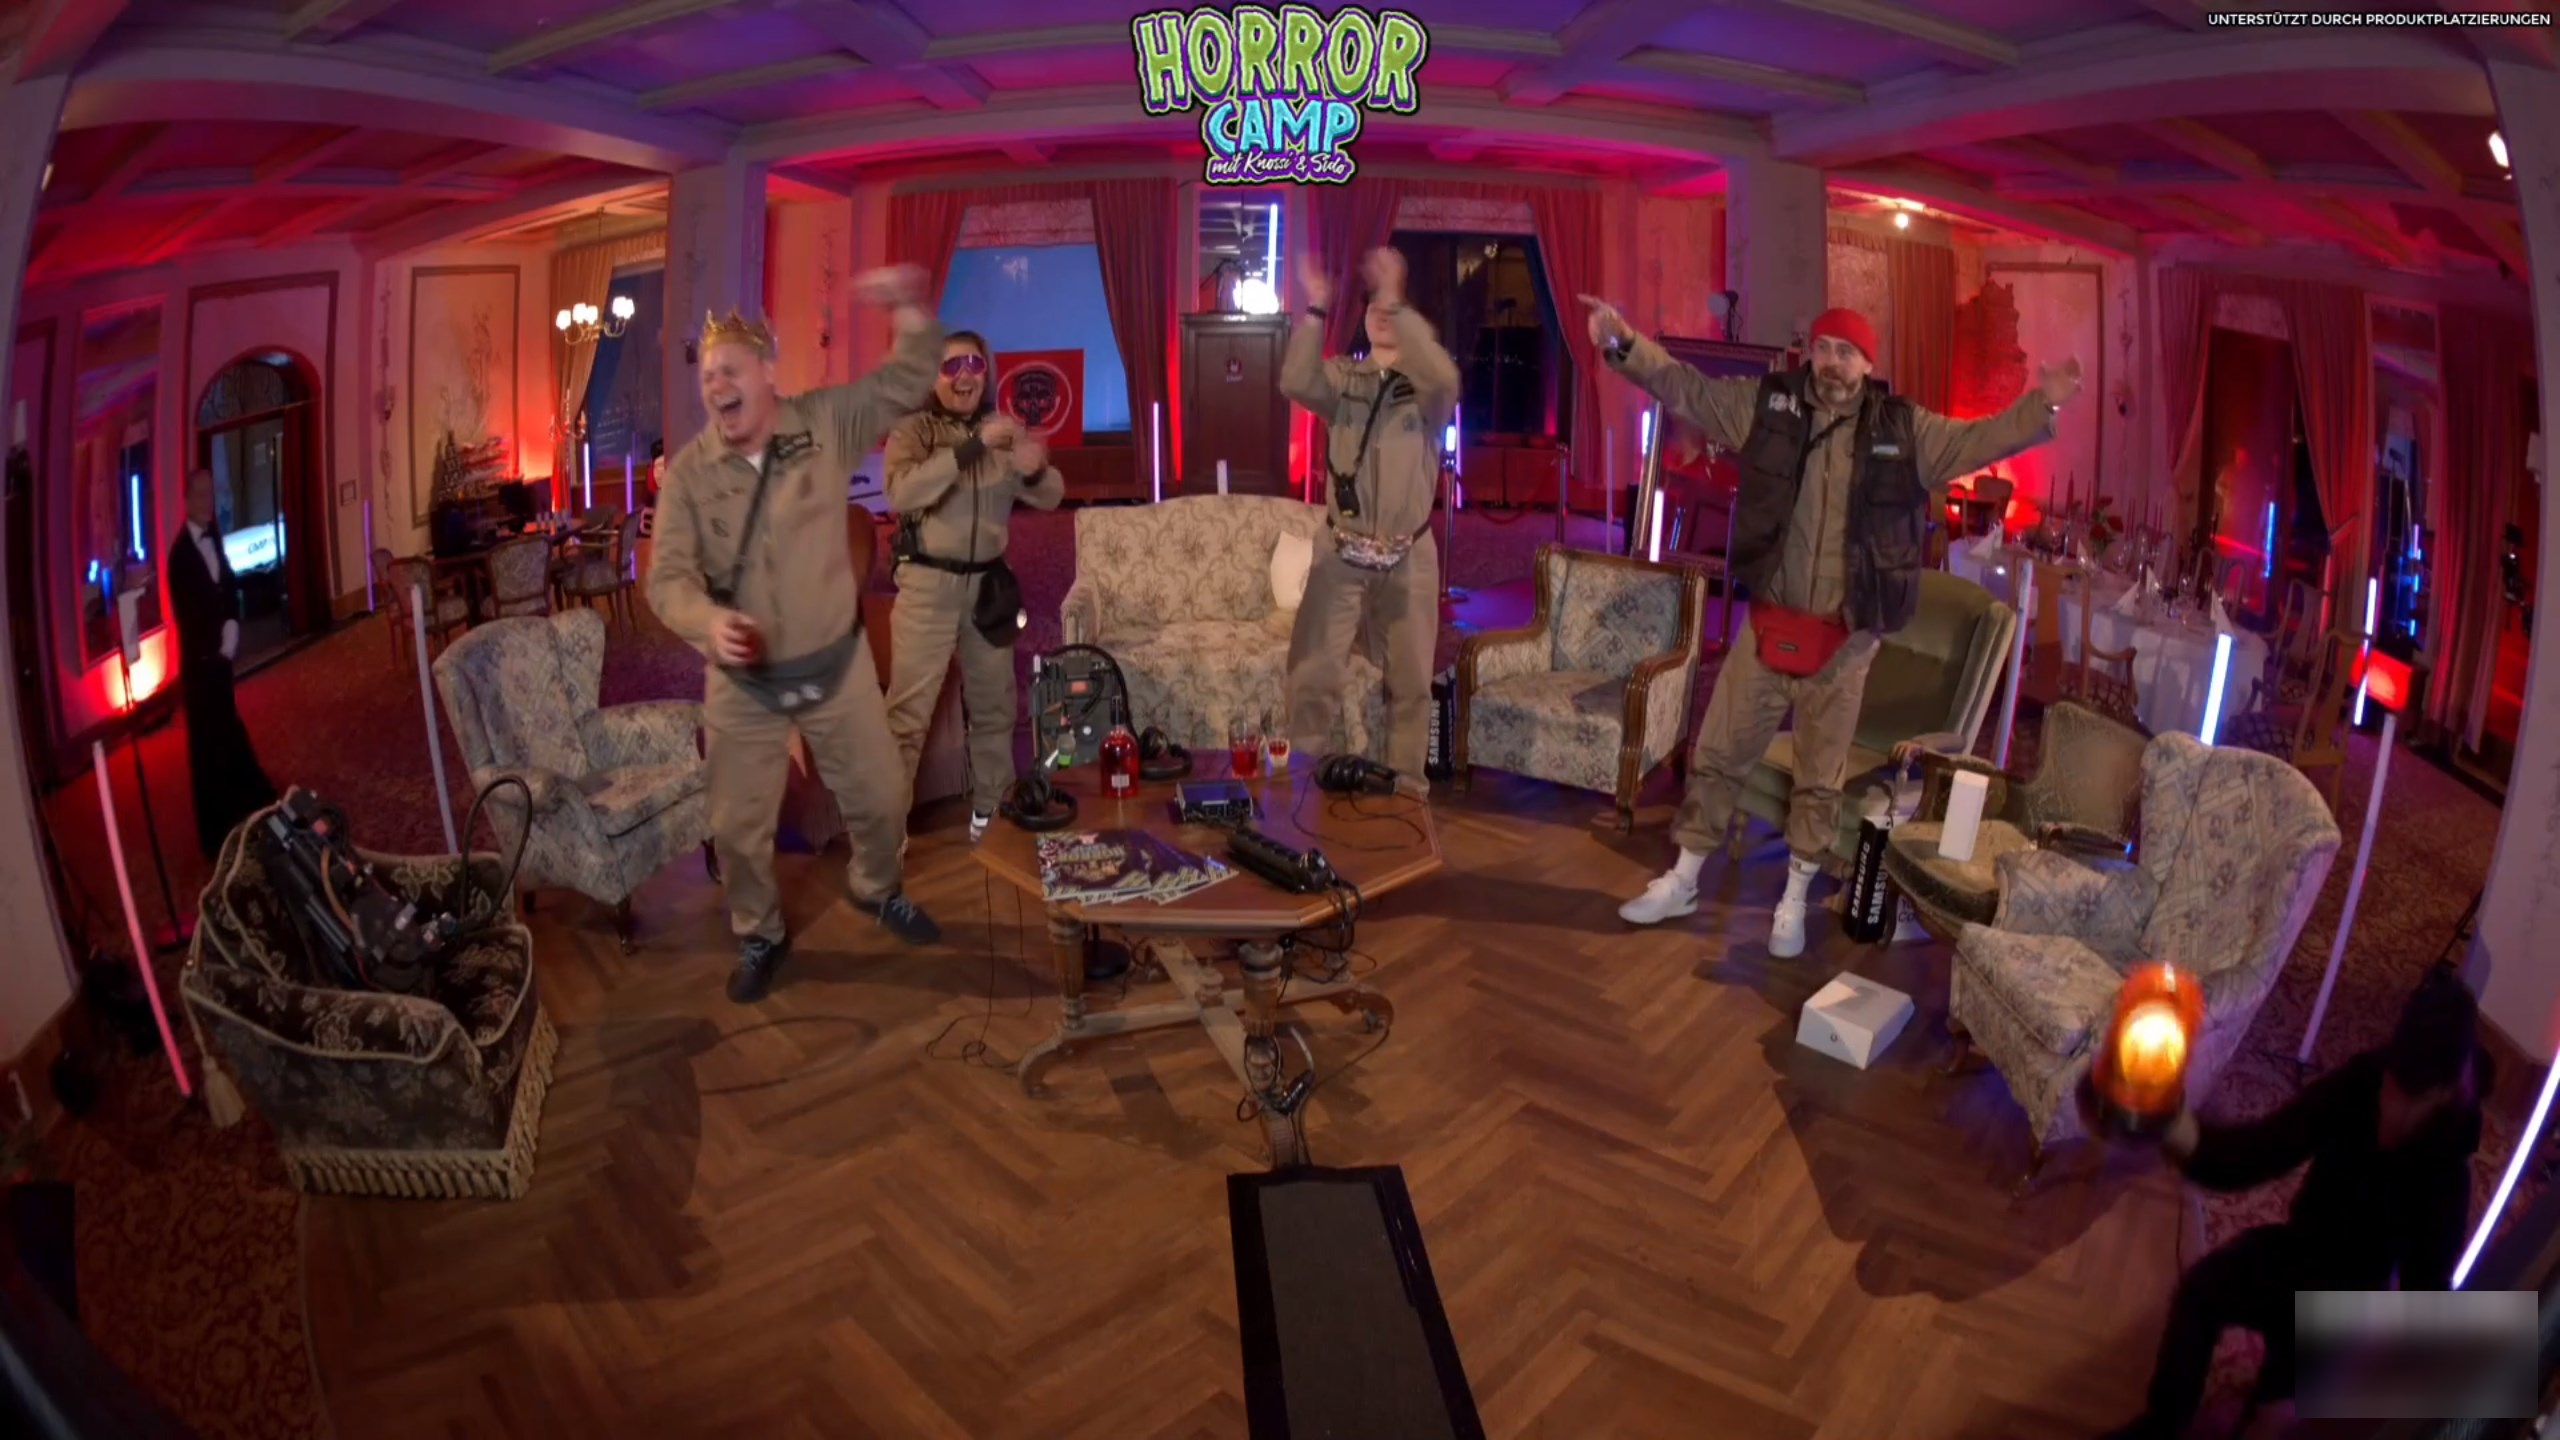 horrorcamp-viewer-record-broken.jpg